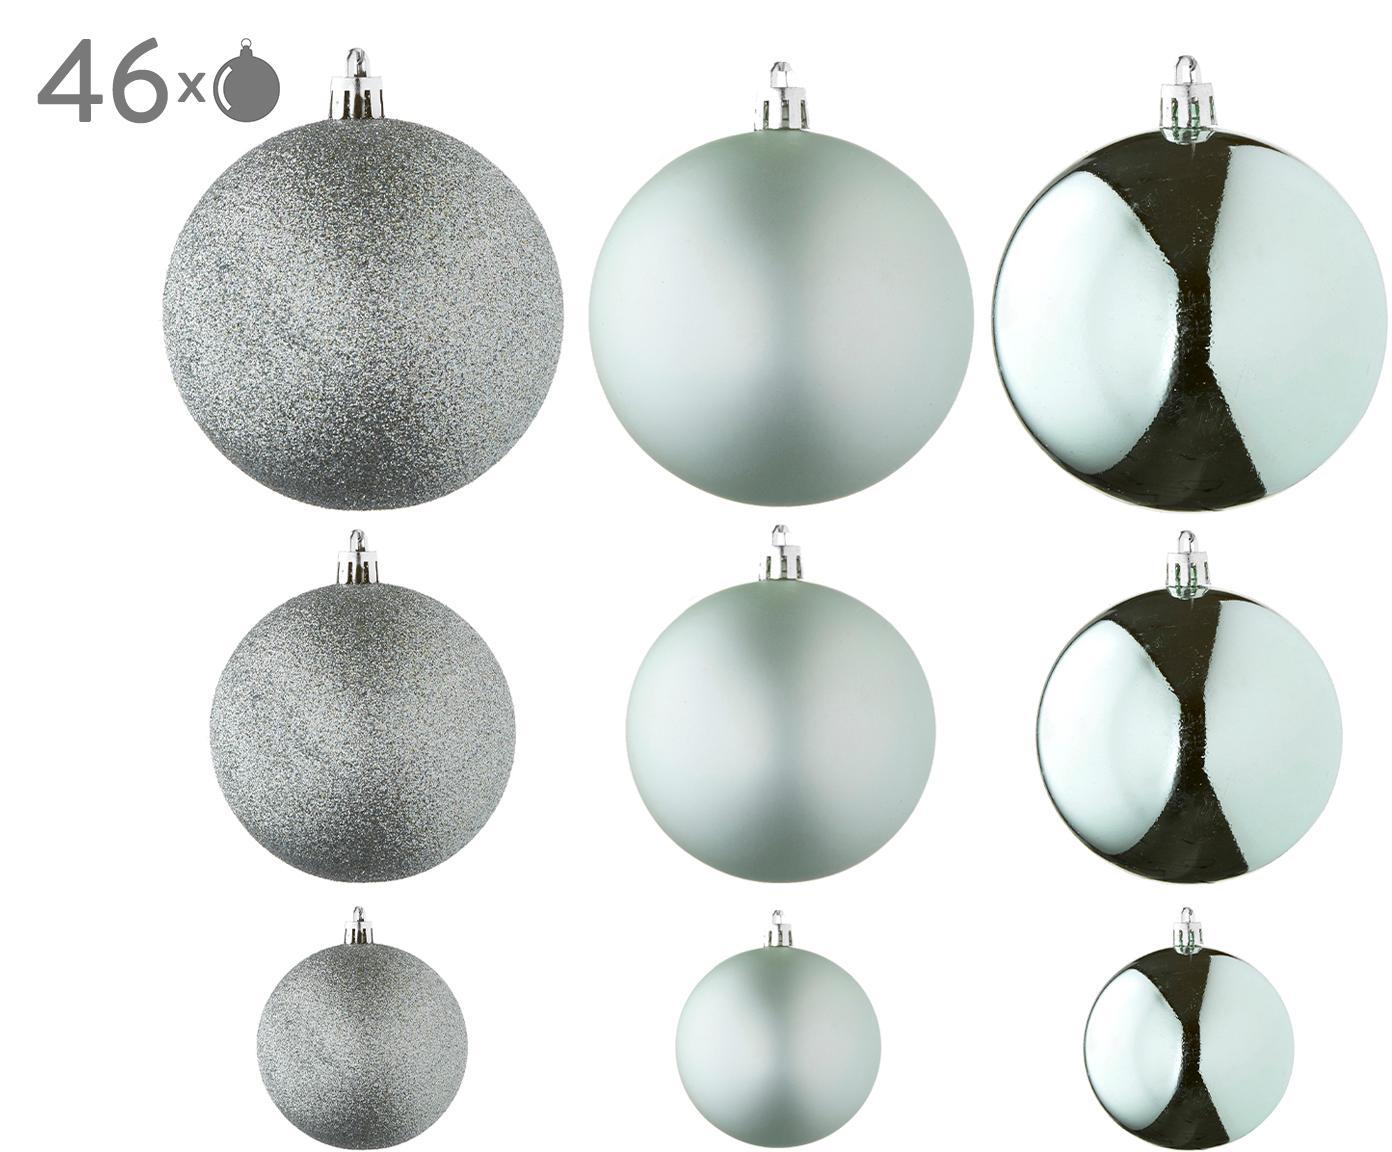 Kerstballenset Silvia, 46-delig, Kunststof, Mintgroen, Verschillende formaten